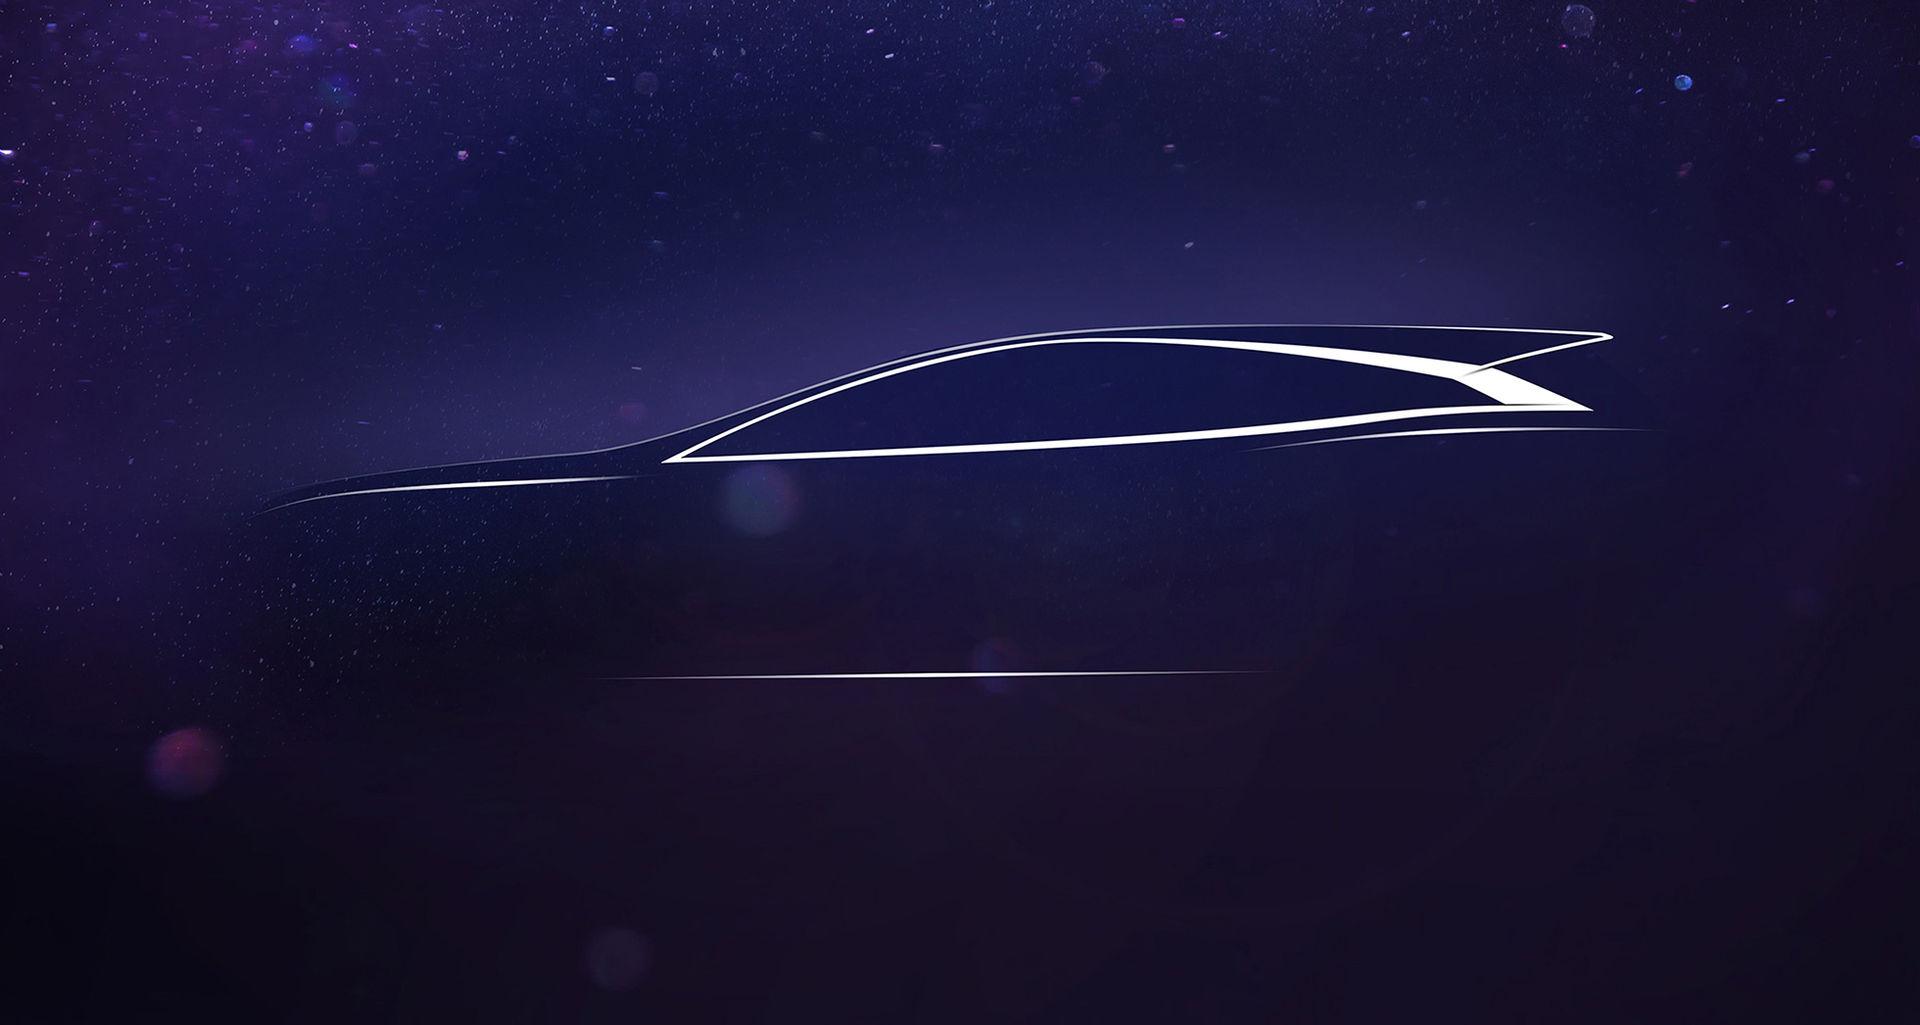 Företag i Nederländerna gör kombi av Tesla Model S